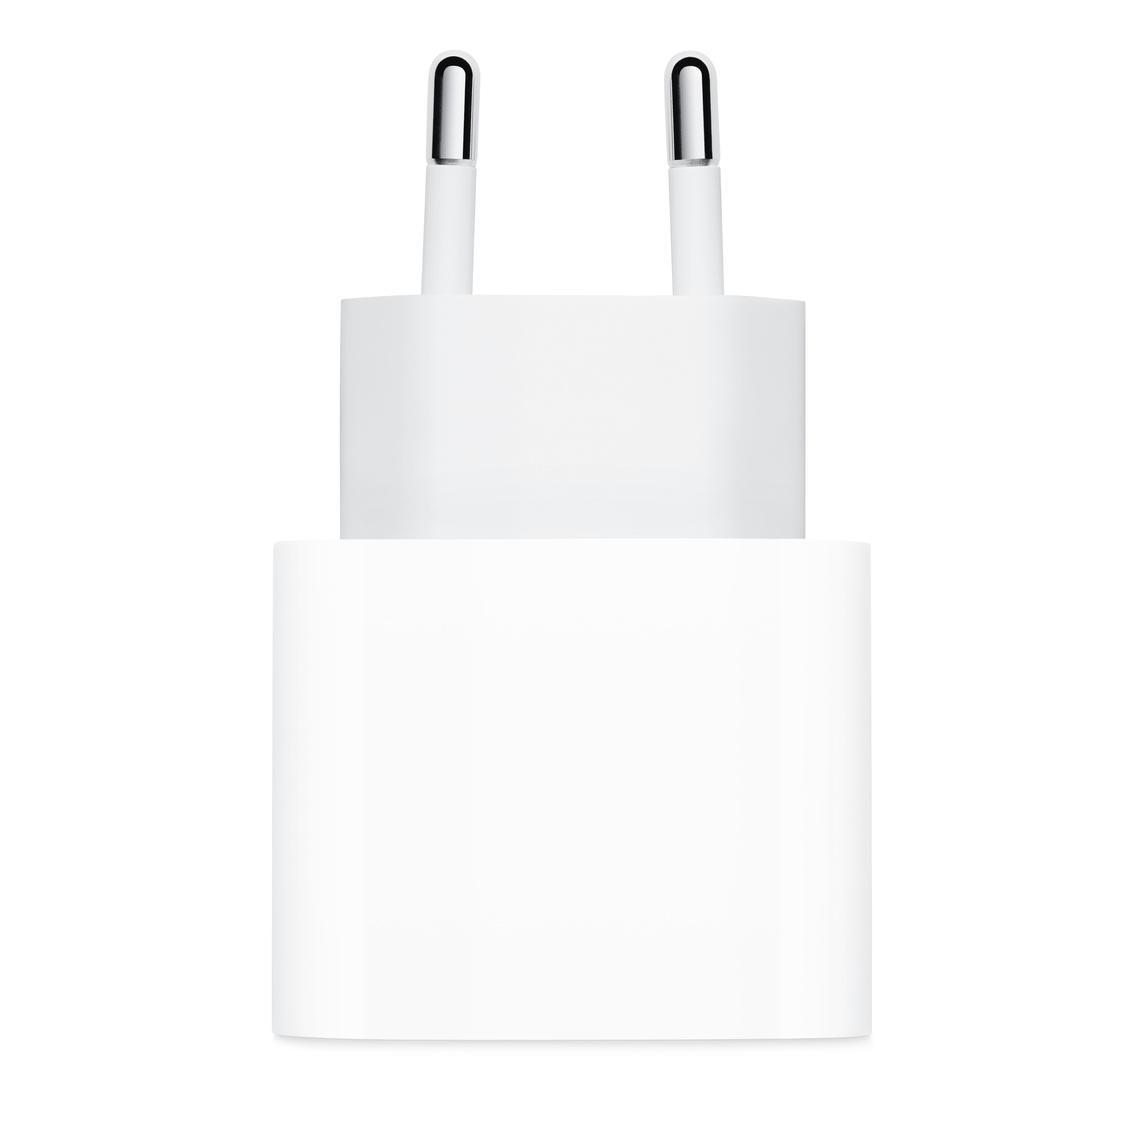 Блок питания Iphone 20W USB-C Оригинал